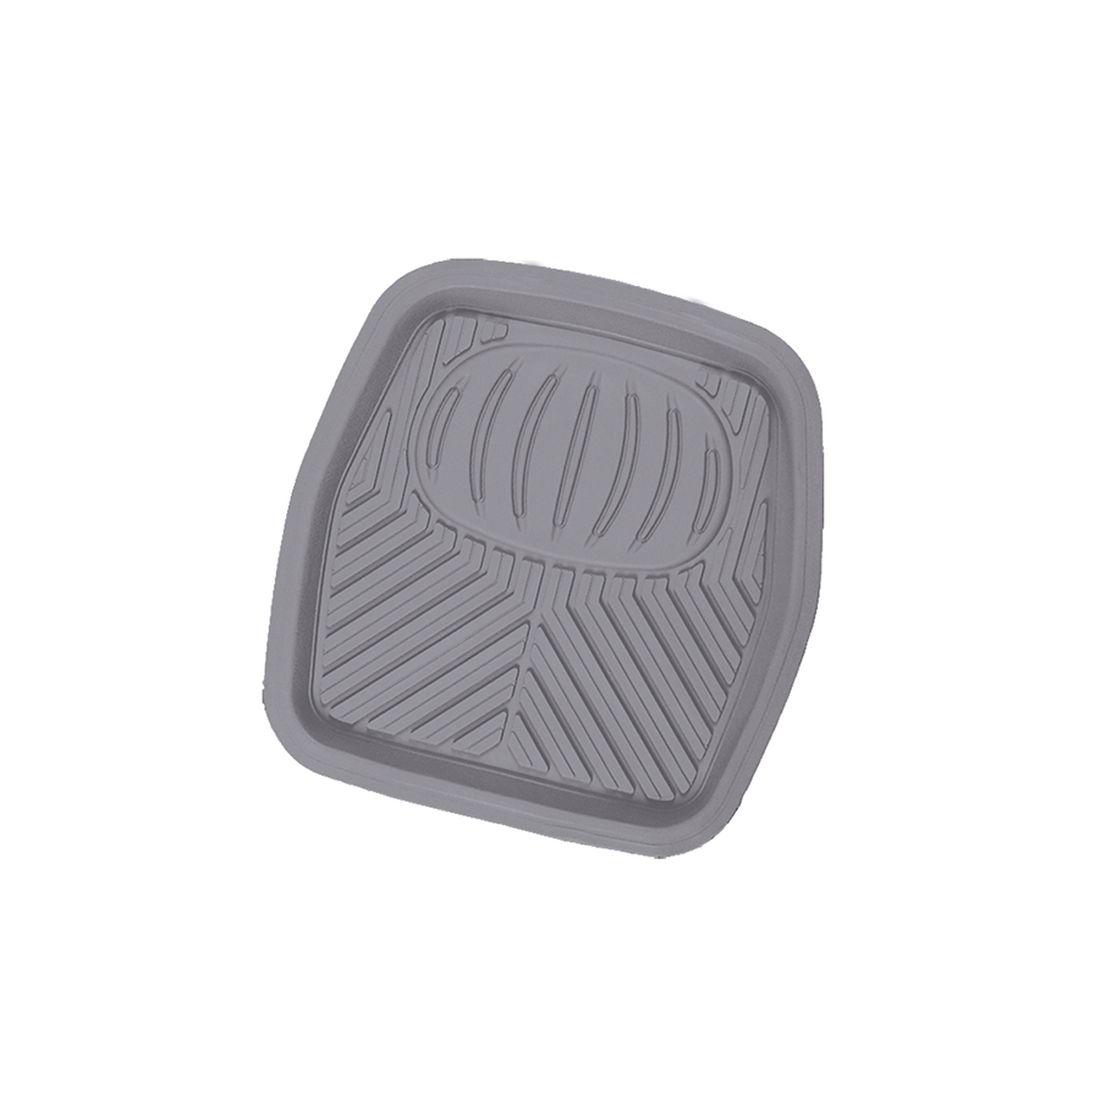 Коврик в салон автомобиля Autoprofi, для заднего ряда, универсальный, ванночка, цвет: серыйRUS-105r GYПрочный и долговечный коврик не имеет неприятного запаха и предназначен для заднего ряда.Выдерживает морозы до -20 С.